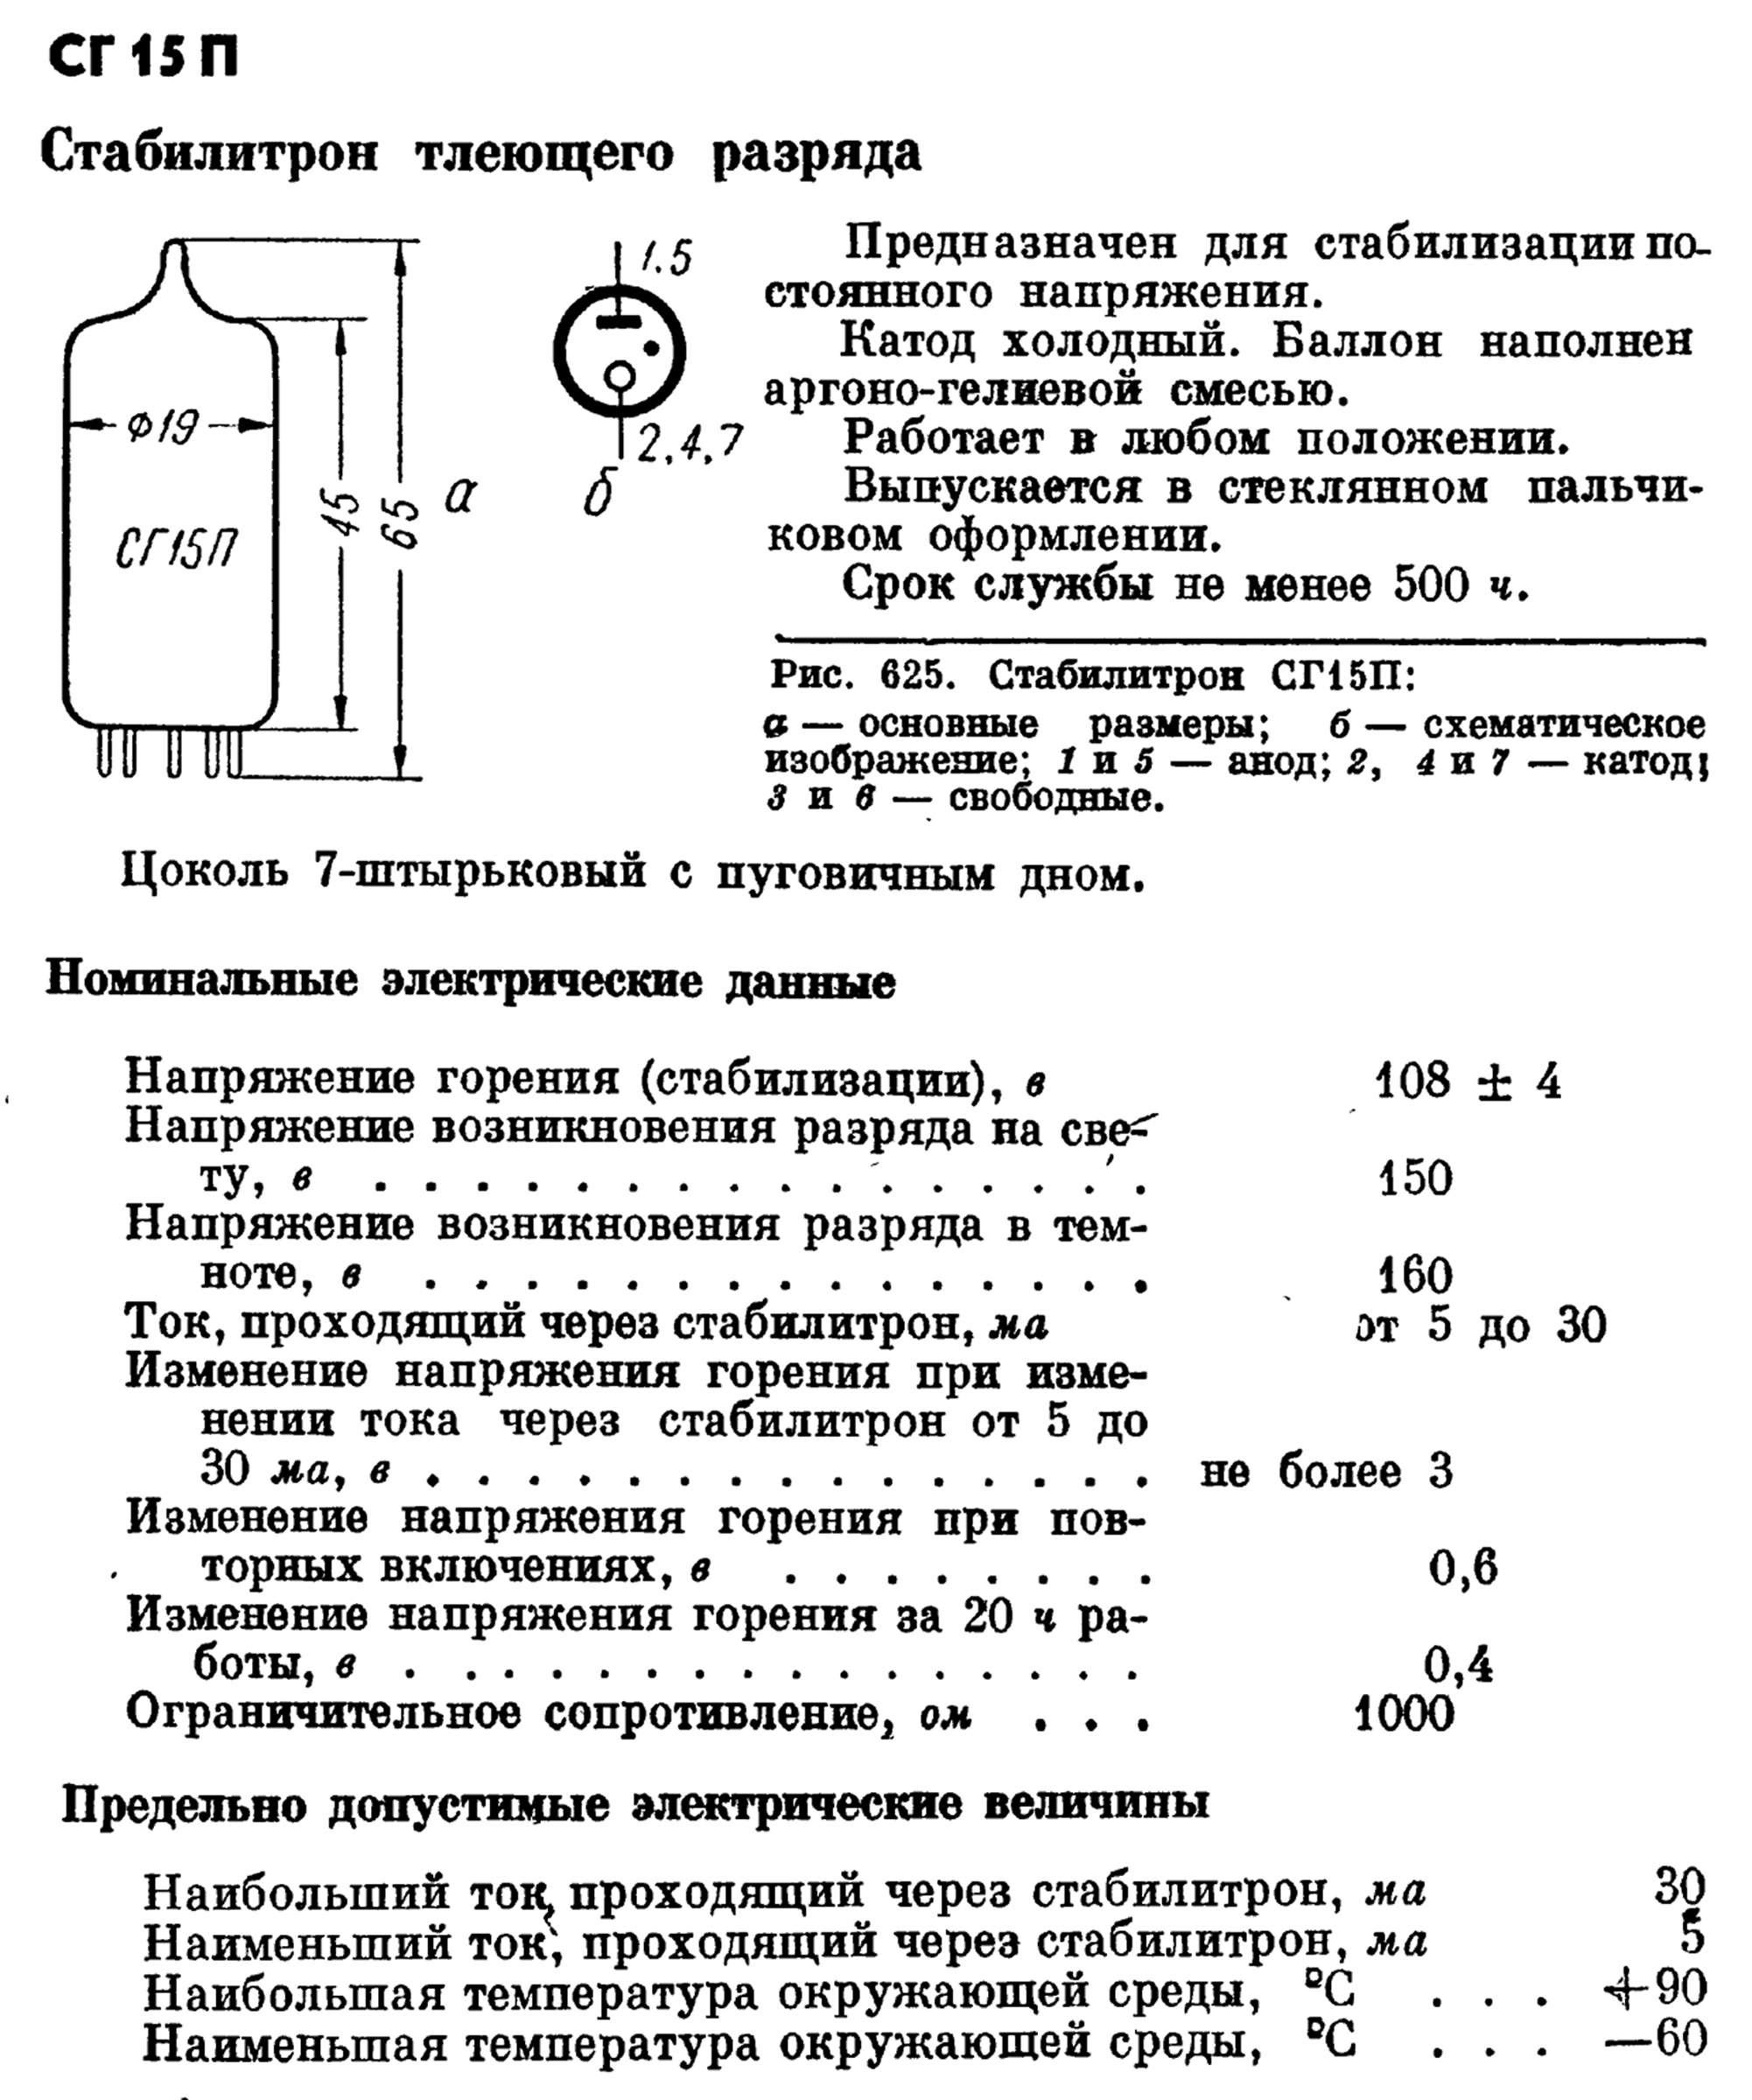 Параметры СГ15П-2